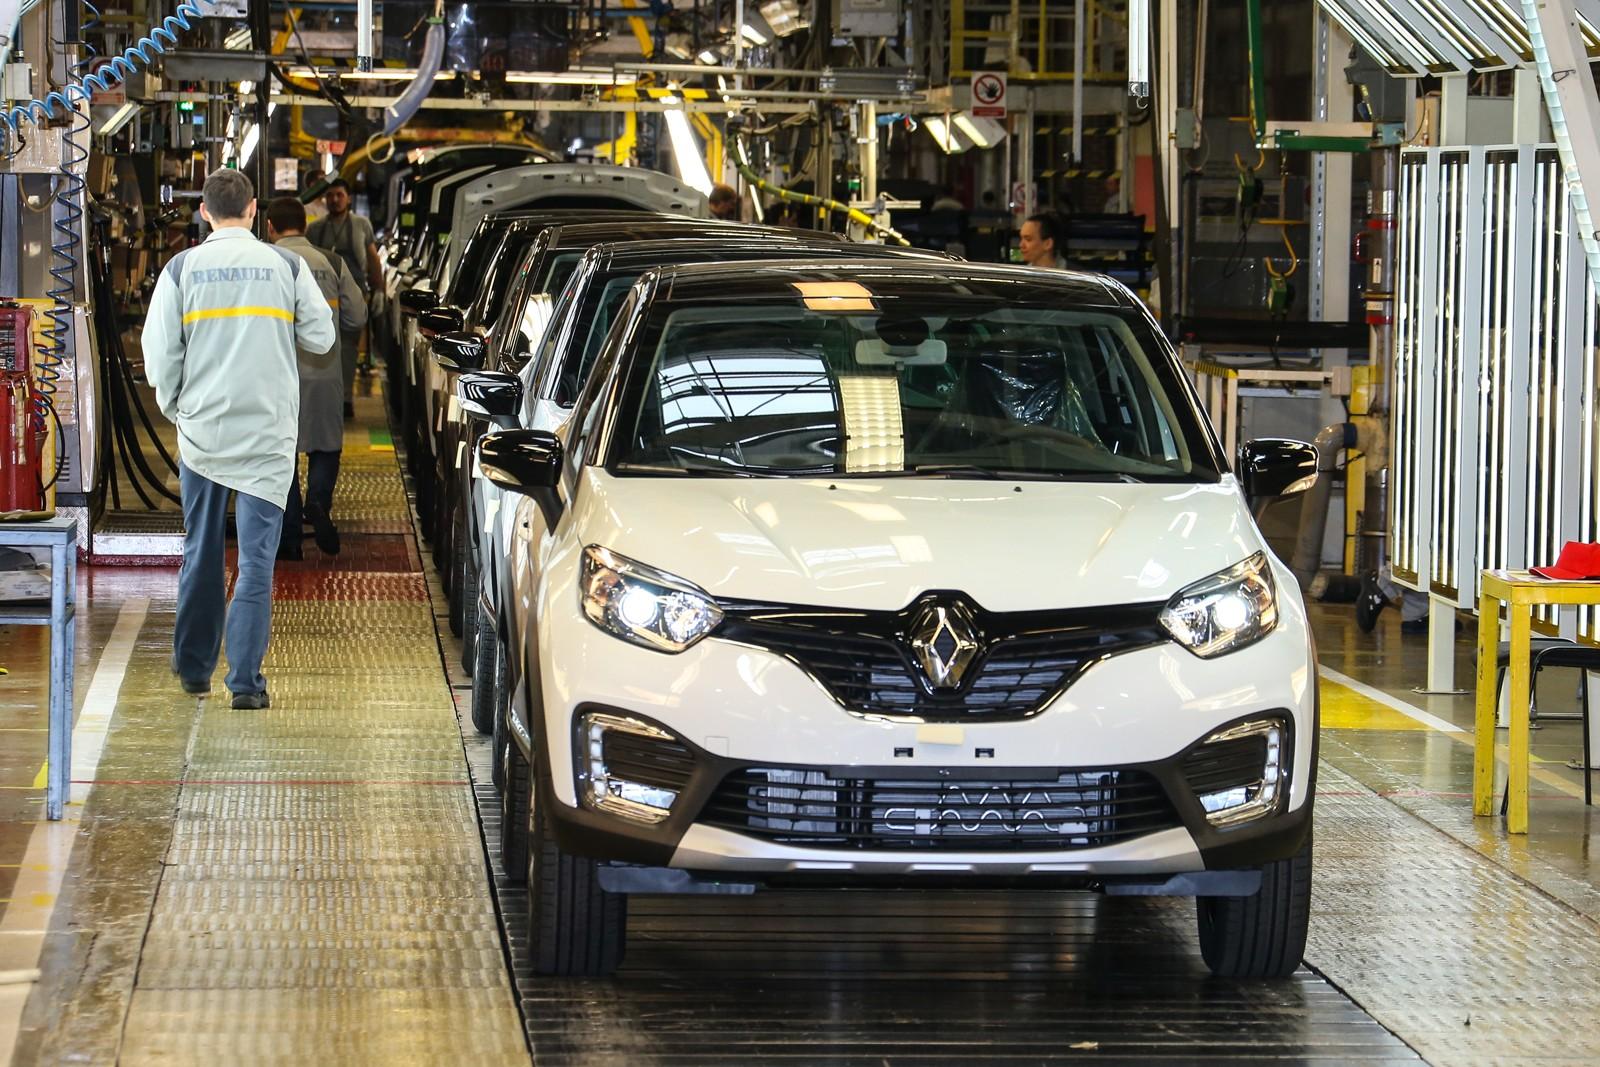 Рено построит вИране завод мощностью 150 тыс. авто